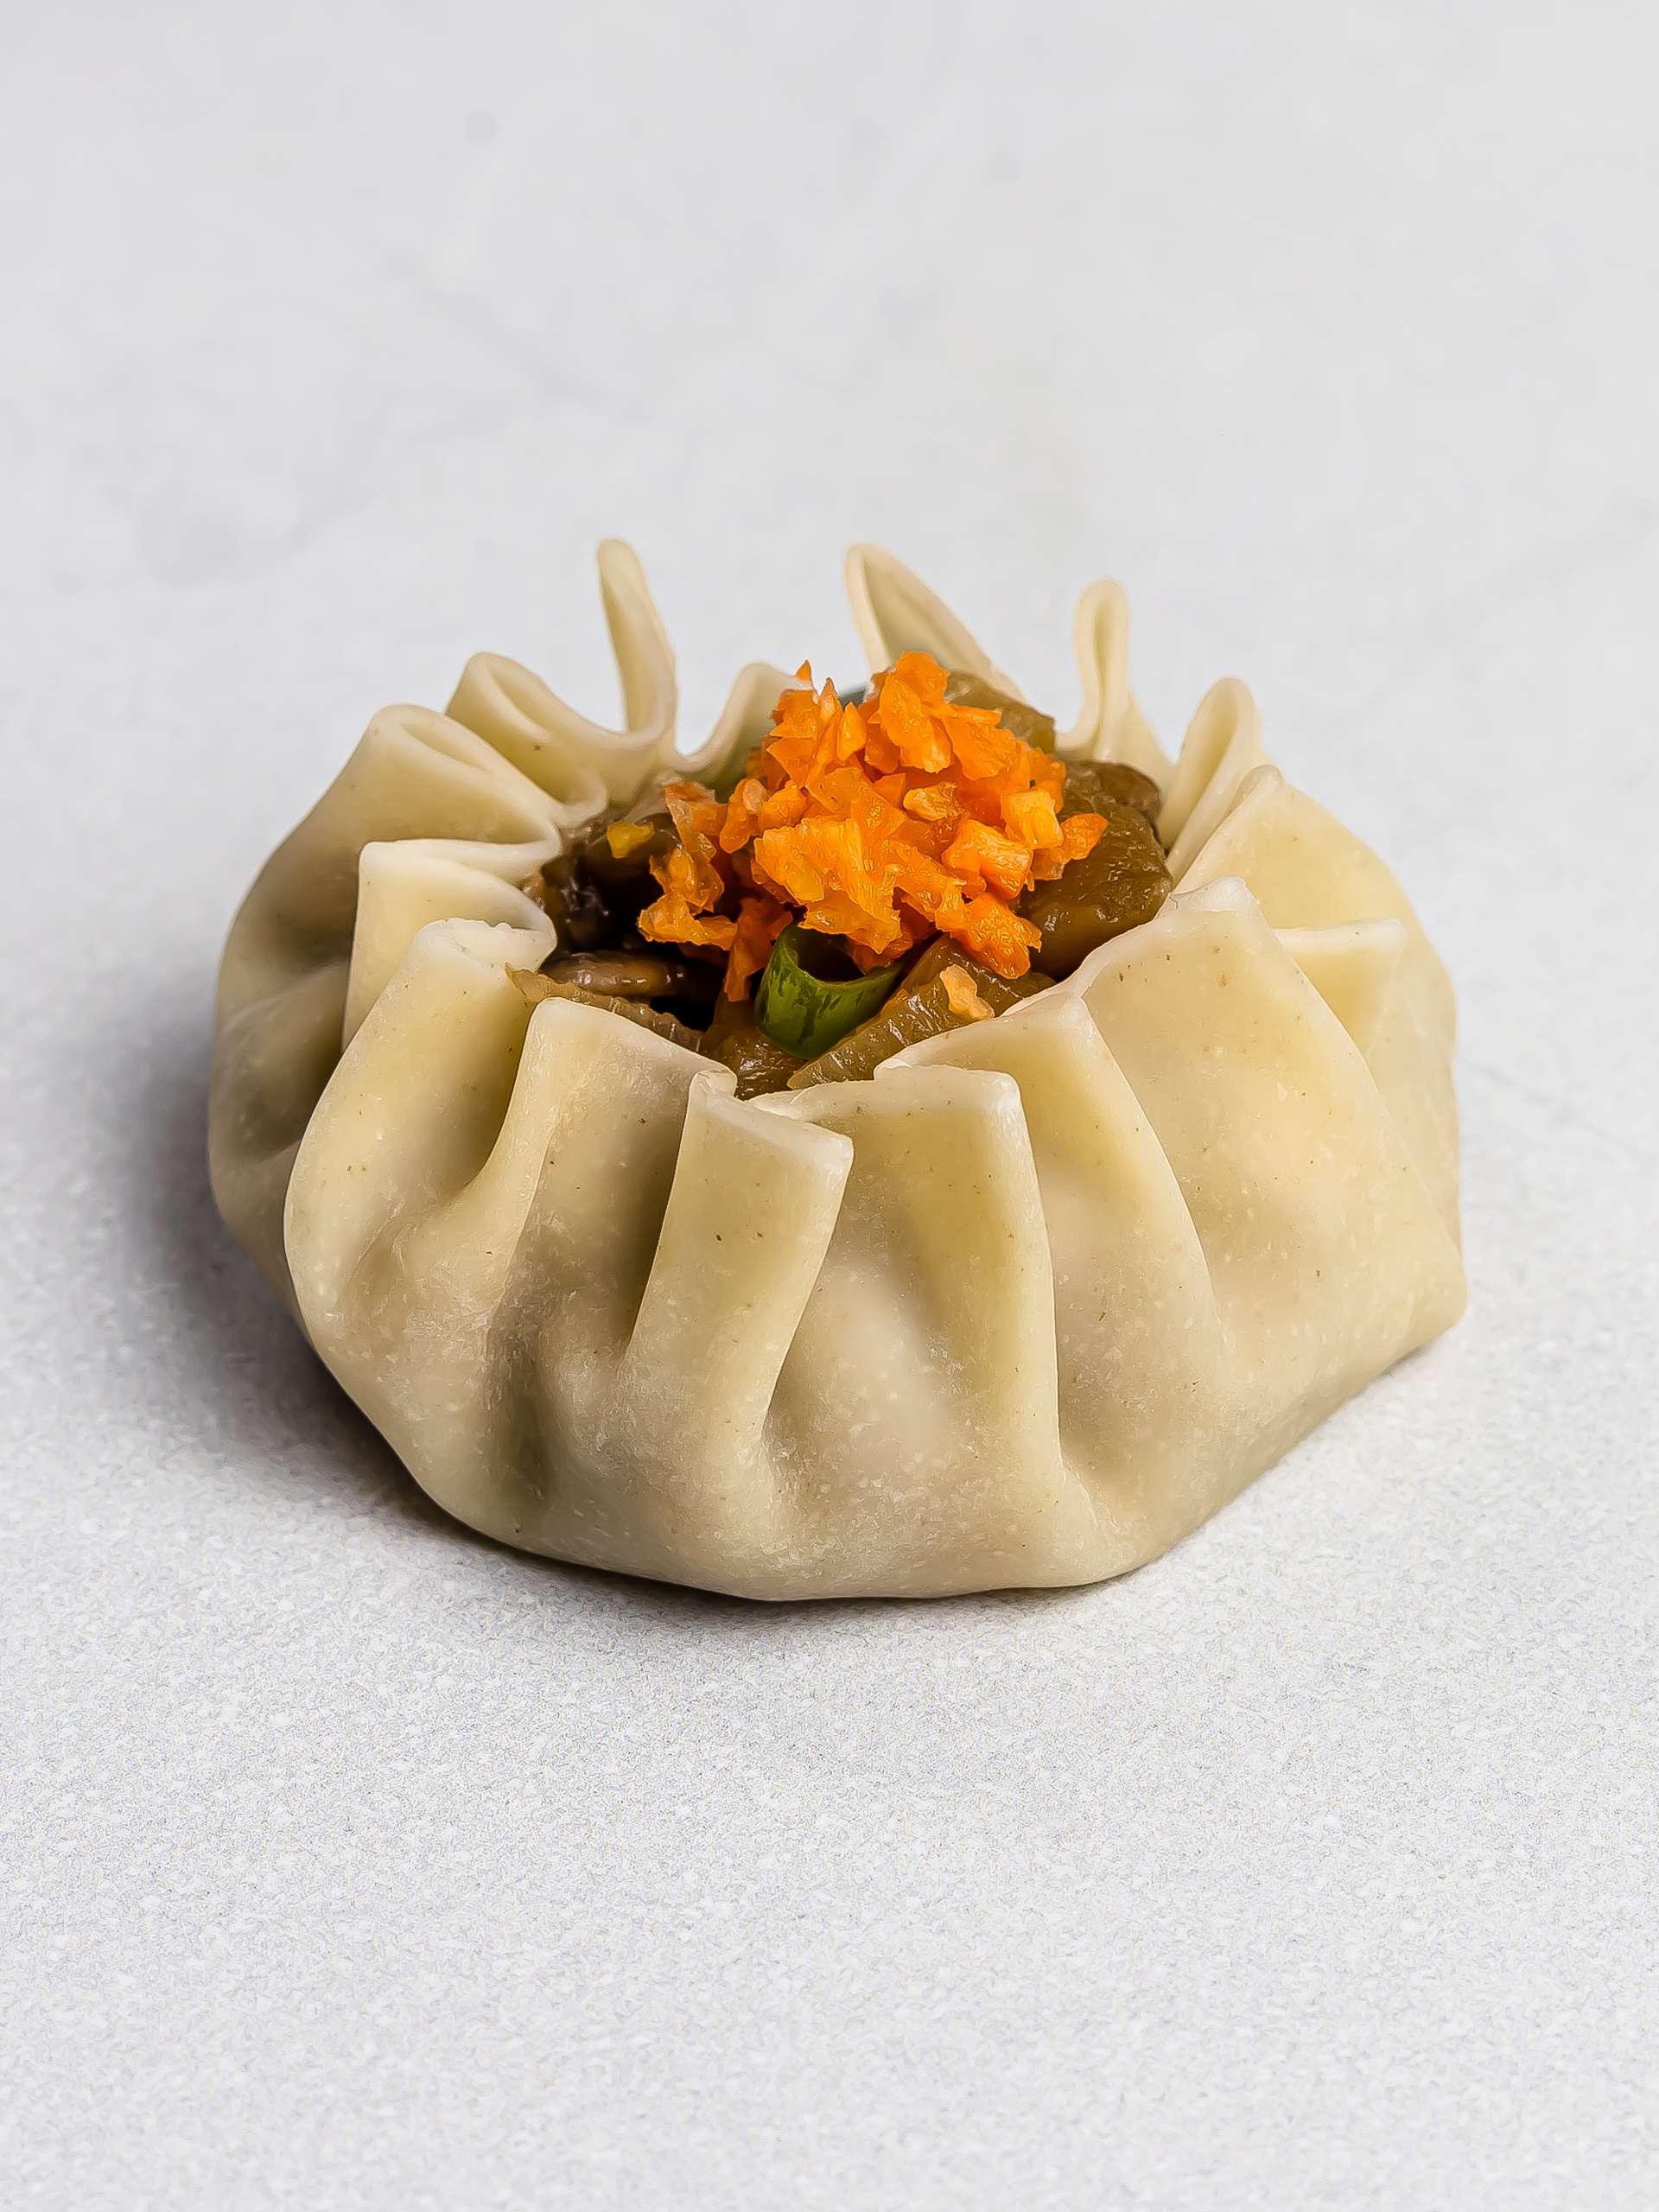 vegan siomai dumpling